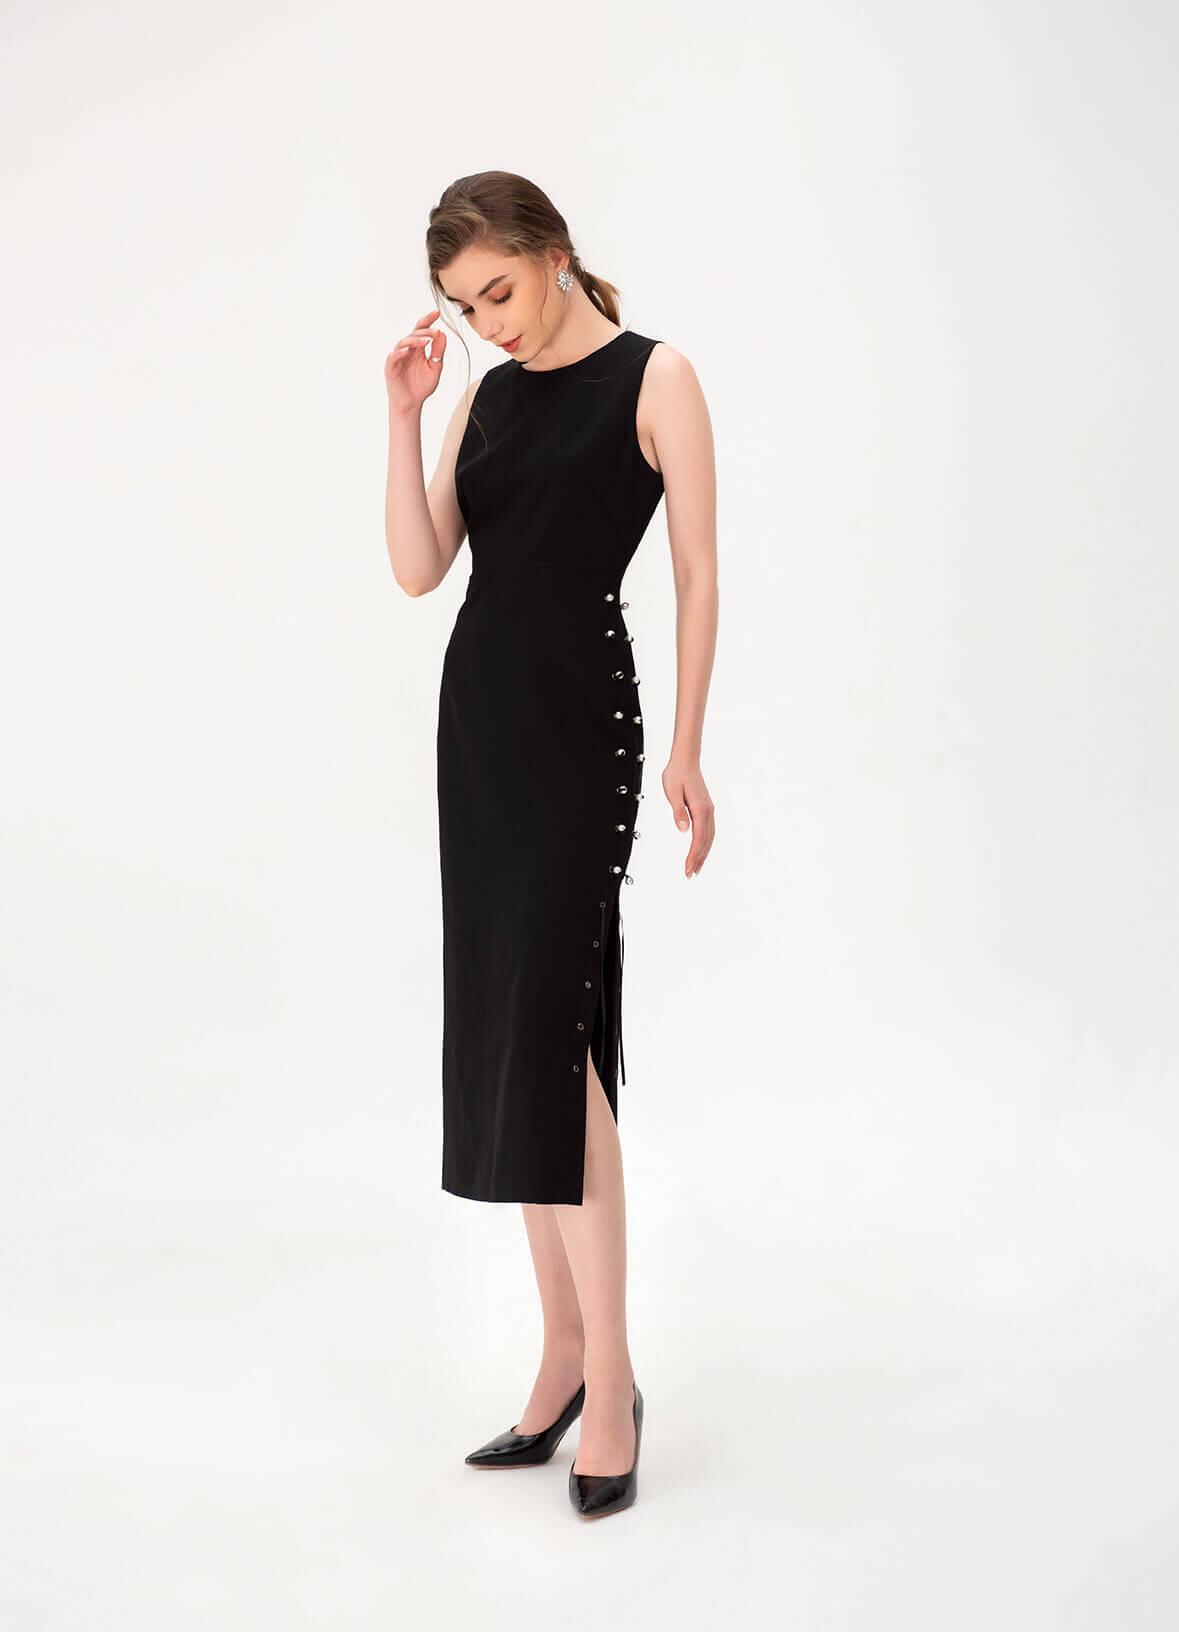 Đầm dạ hội cao cấp thiết kế,váy đầm dạ hội cao cấp thiết kế,đầm dạ hội thiết kế cao cấp,đầm dạ hội thiết kế cao cấp,đầm dạ hội sang trọng quý phái,đầm dạ hội hàng hiệu,đầm dạ hội cao cấp tphcm,đầm dạ hội cao cấp 2019,đầm dạ hội thiết kế,đầm dạ hội đẹp và mới nhất,